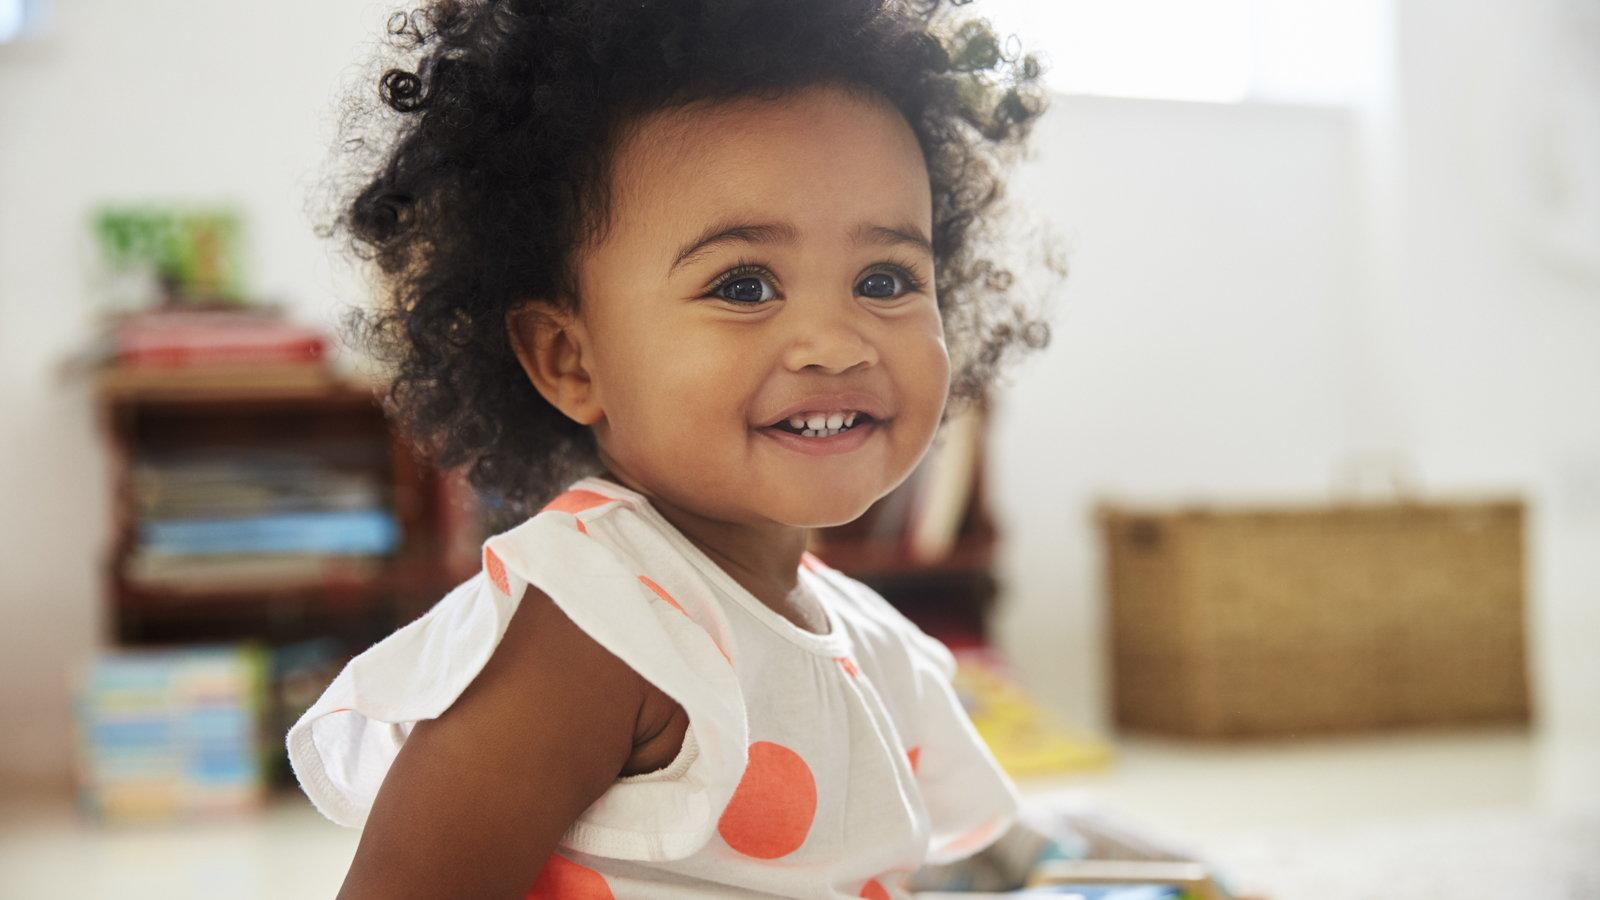 litte girl smiling